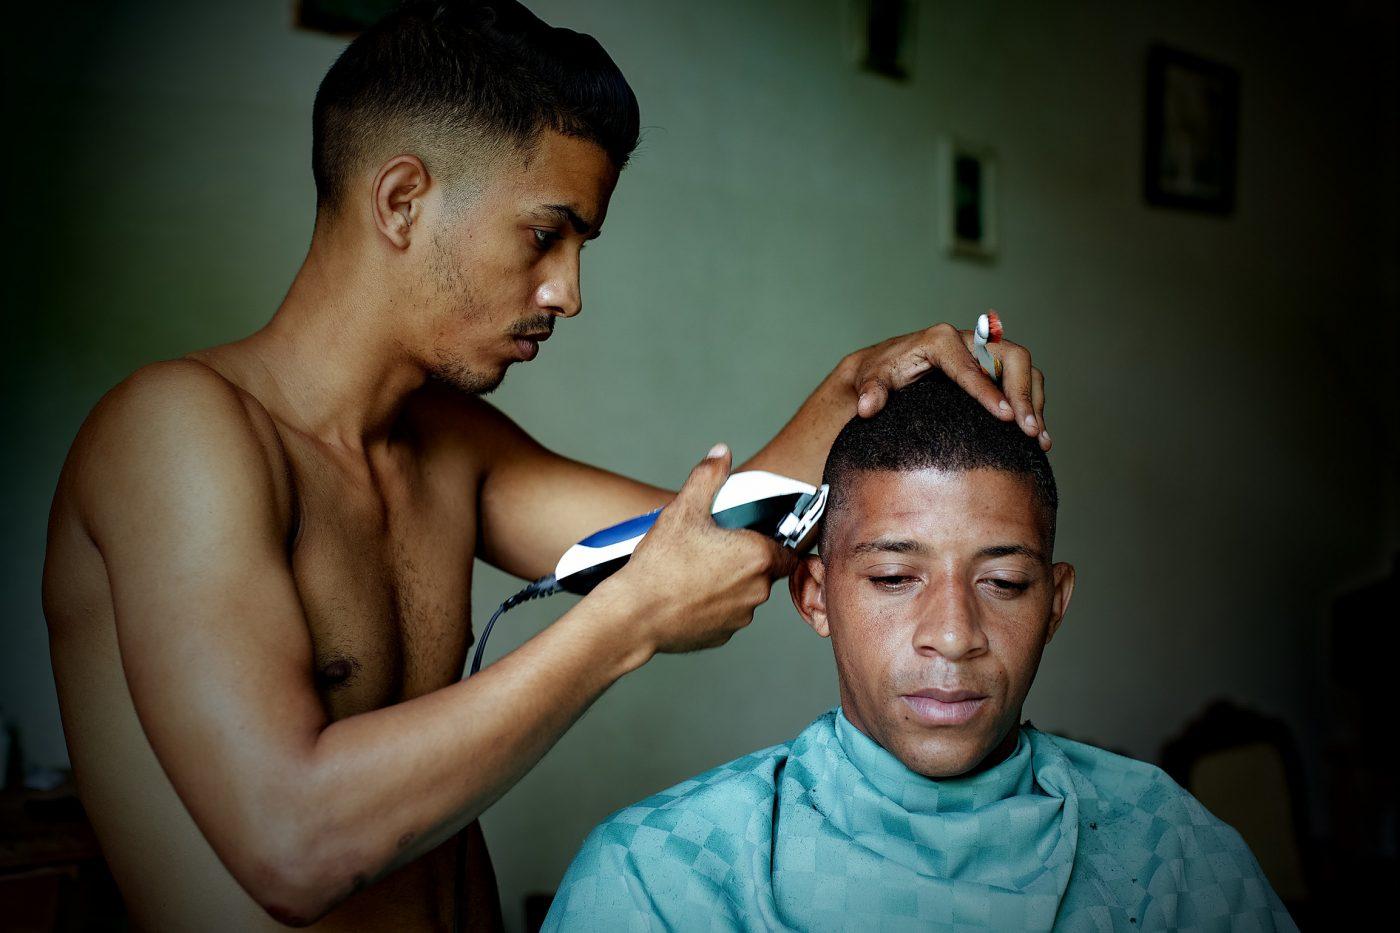 Cuba (14) by Robin Yong